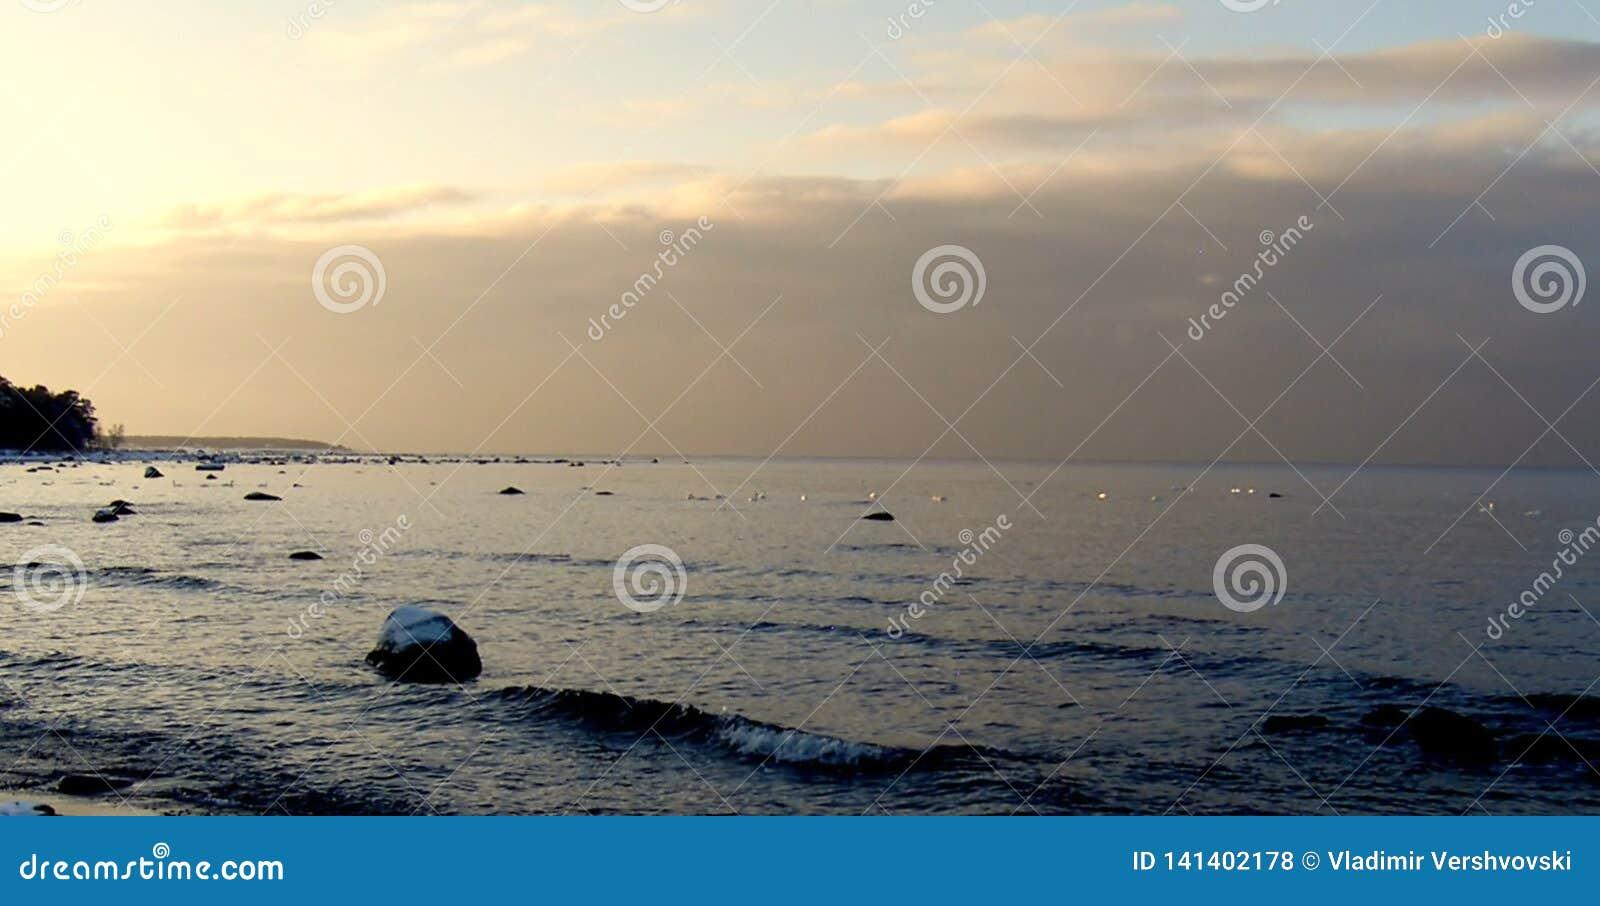 滚动在海滨的懒惰波浪